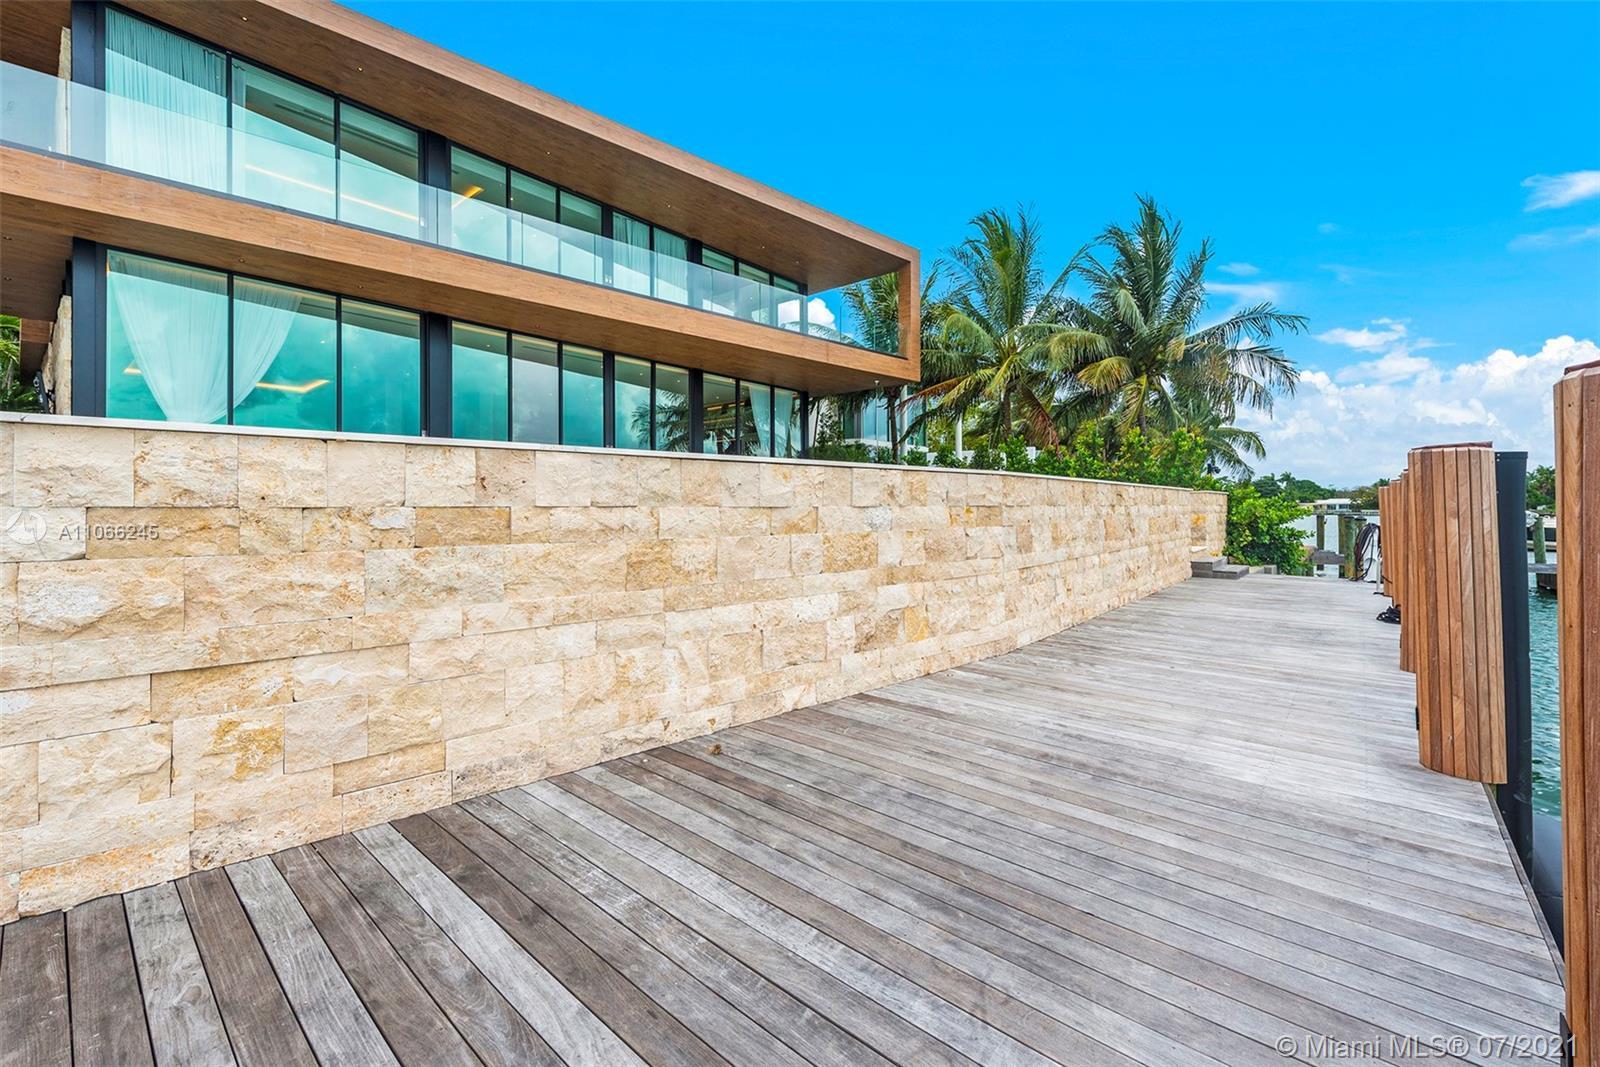 15 San marino dr- miami-beach-fl-33139-a11066245-Pic01